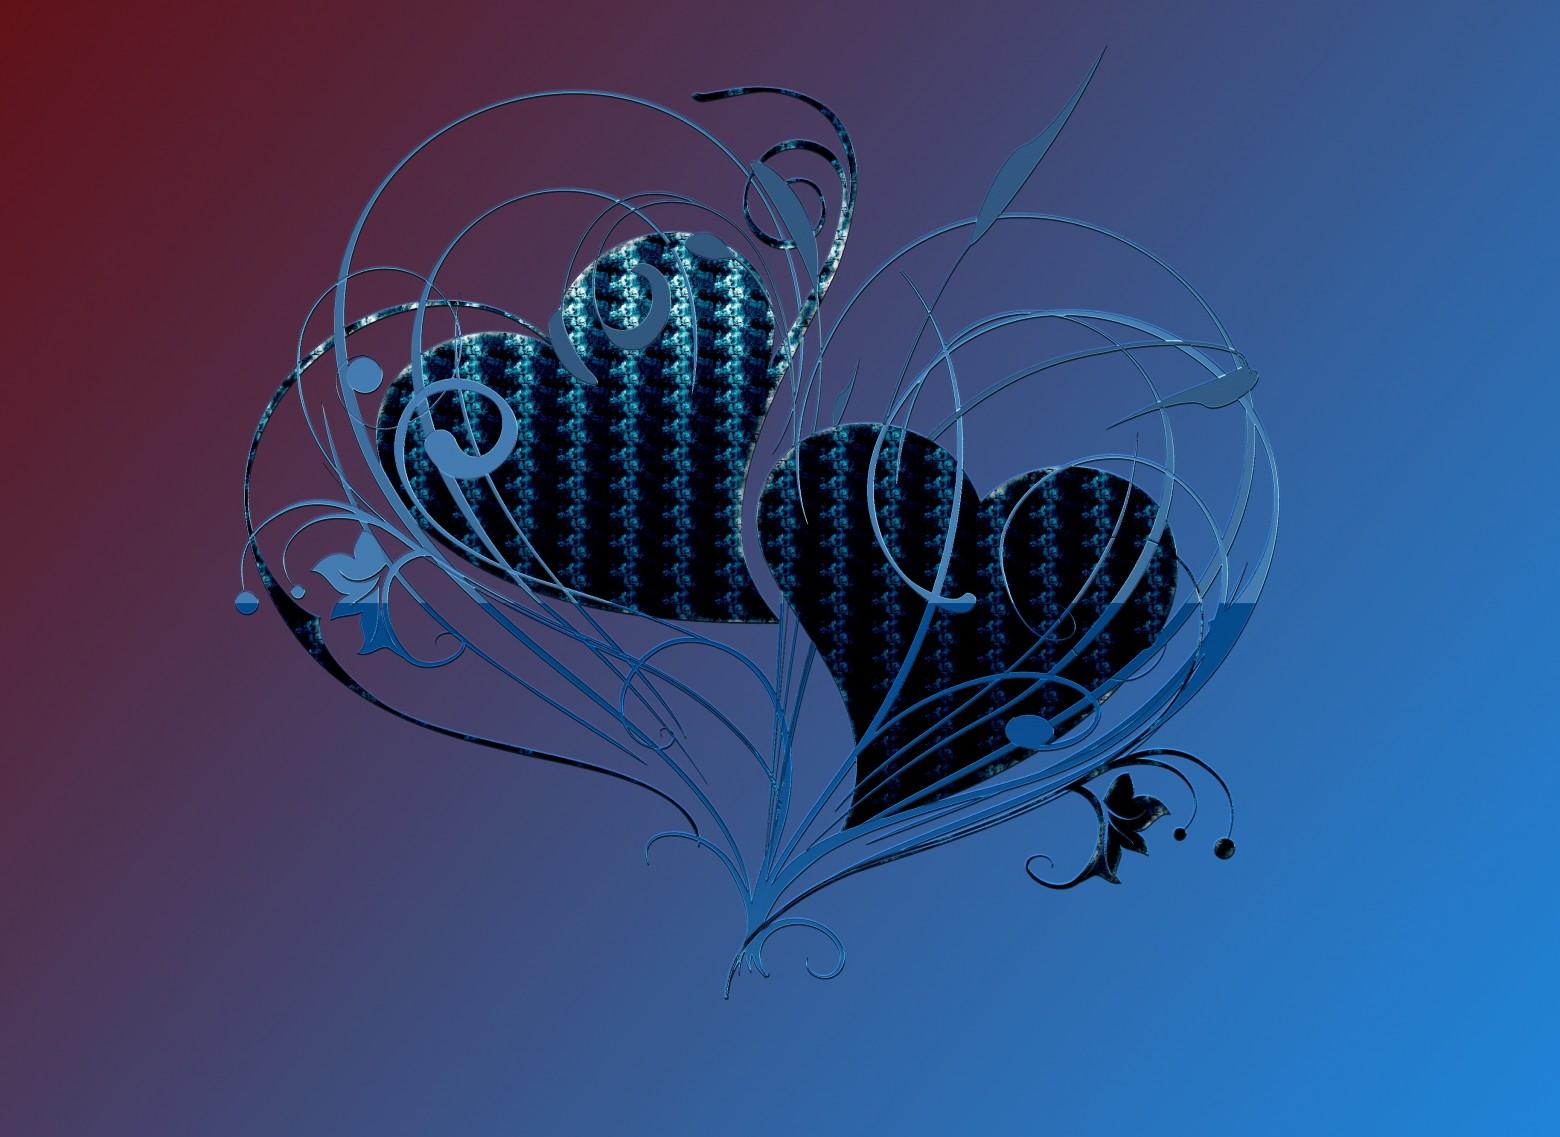 Coeur amour images gratuites images gratuites et libres de droits - Images coeur gratuites ...